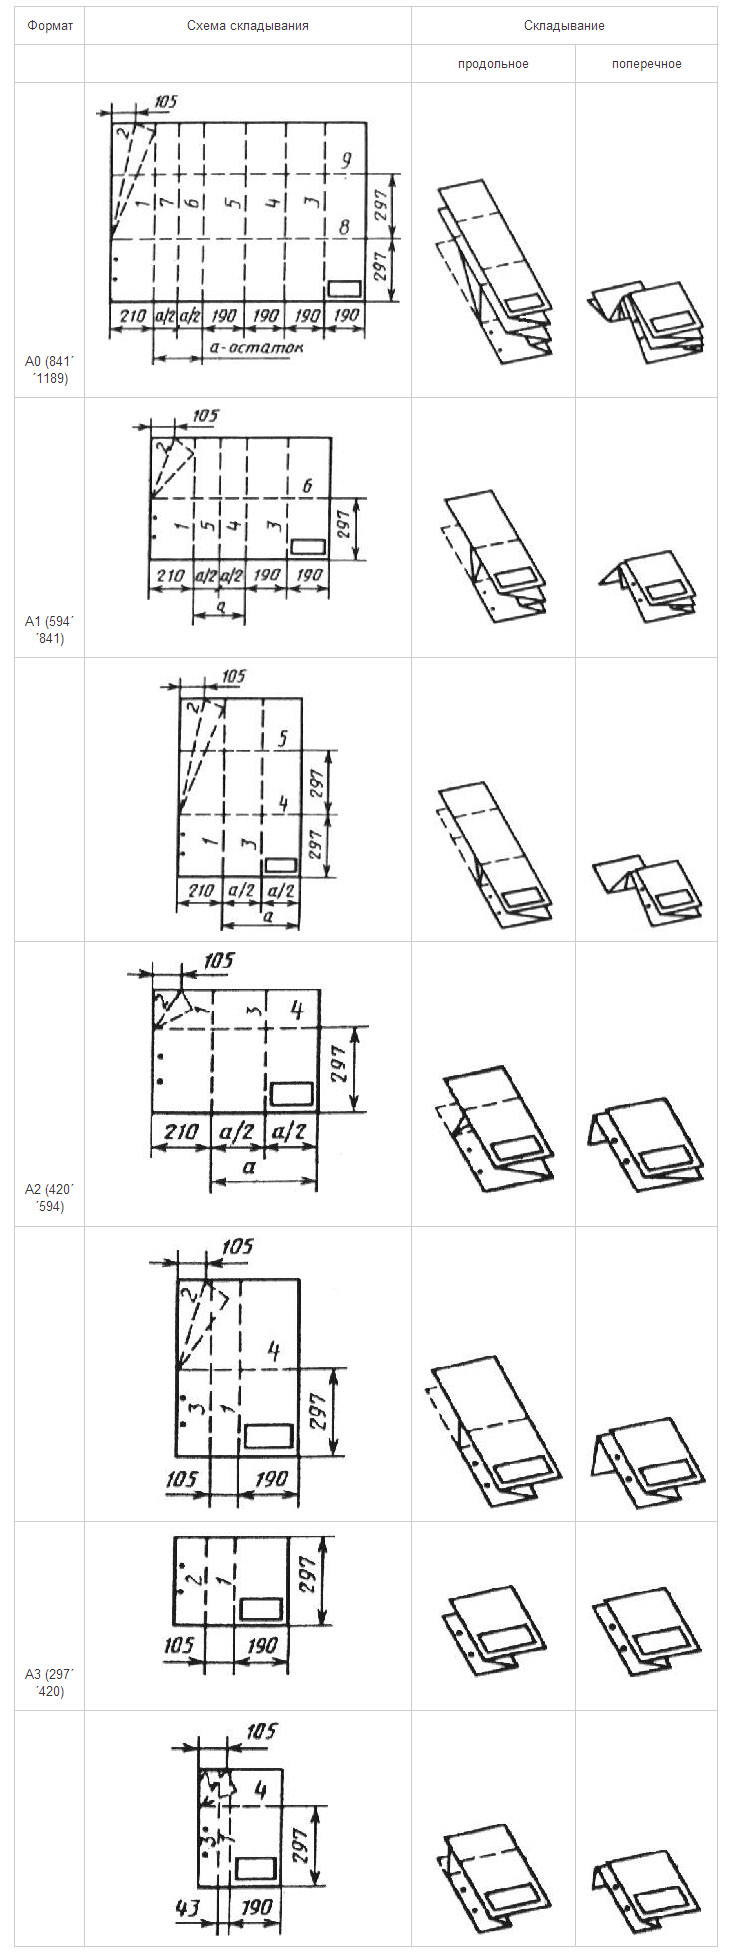 Складывание чертежей согласно ГОСТ 2.501-88